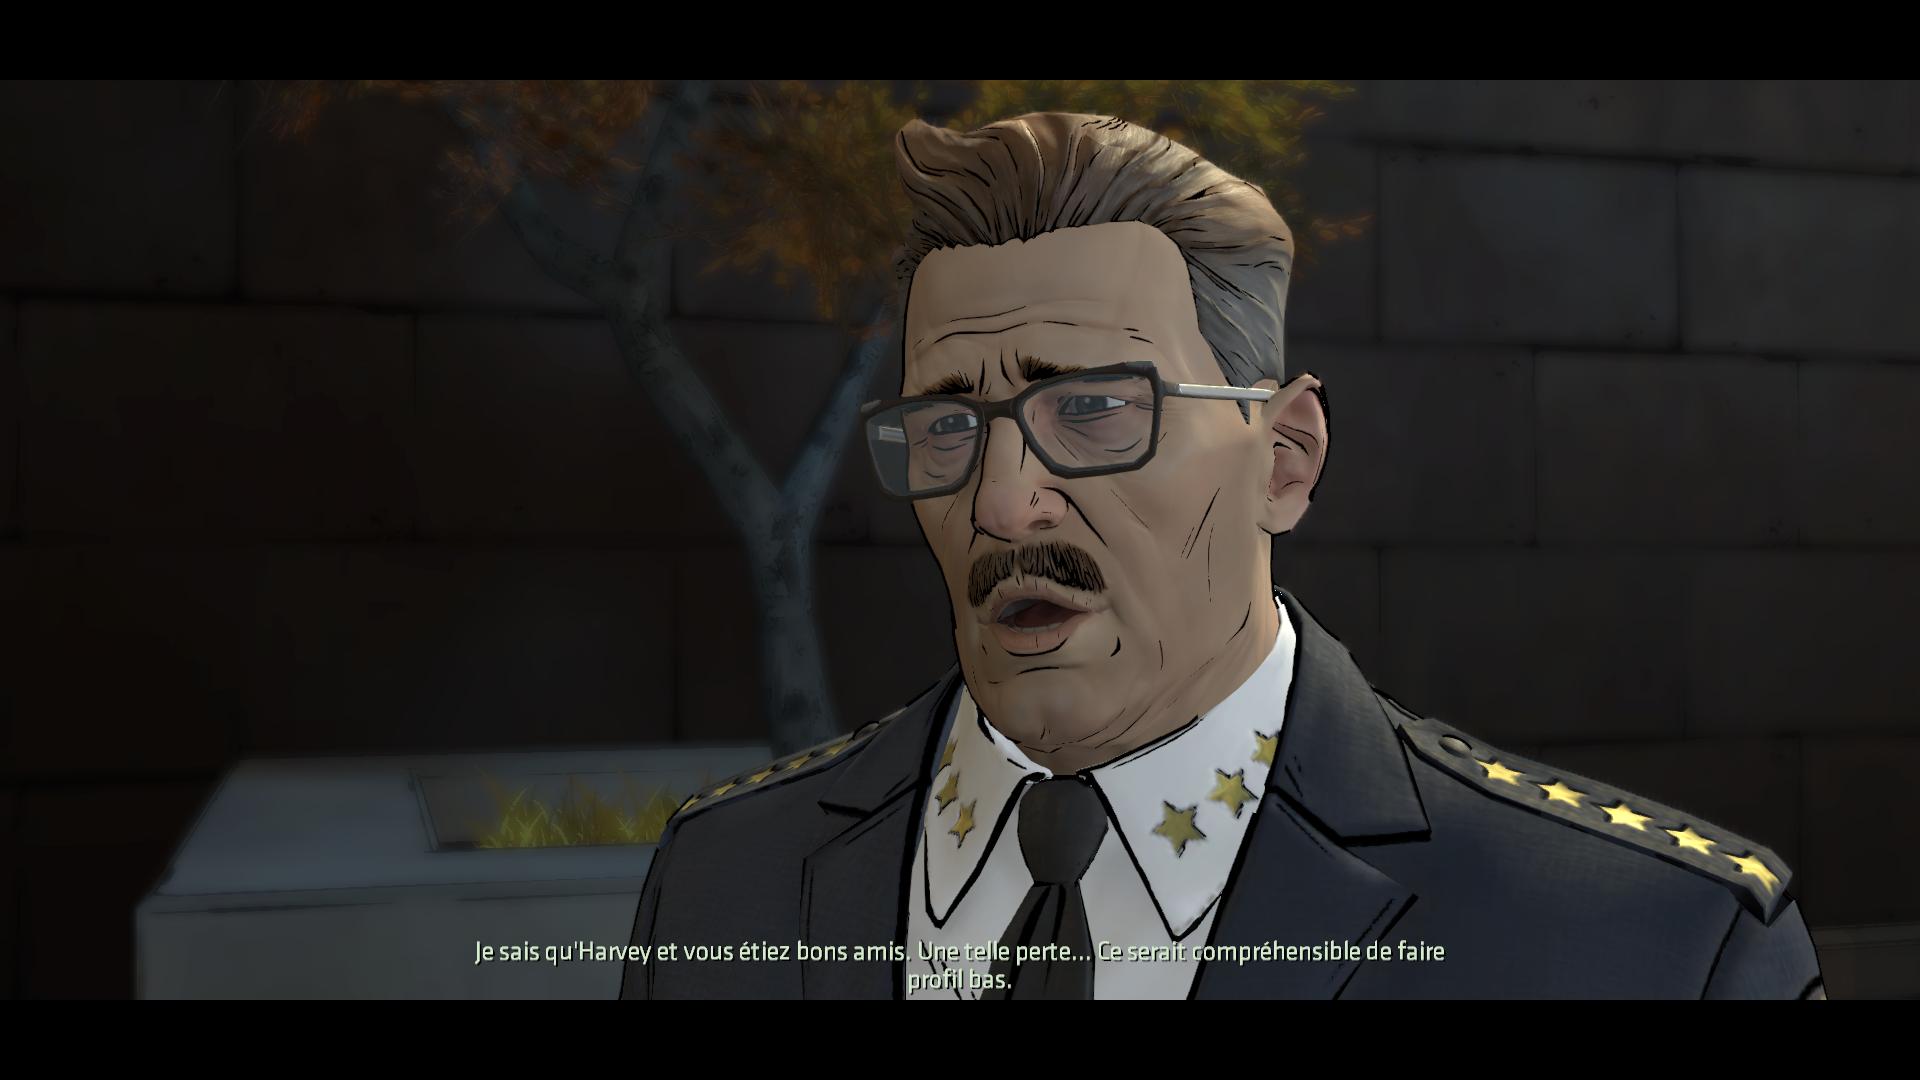 Xbox One Batman: The Telltale Series Episode 5 - Ville de lumière